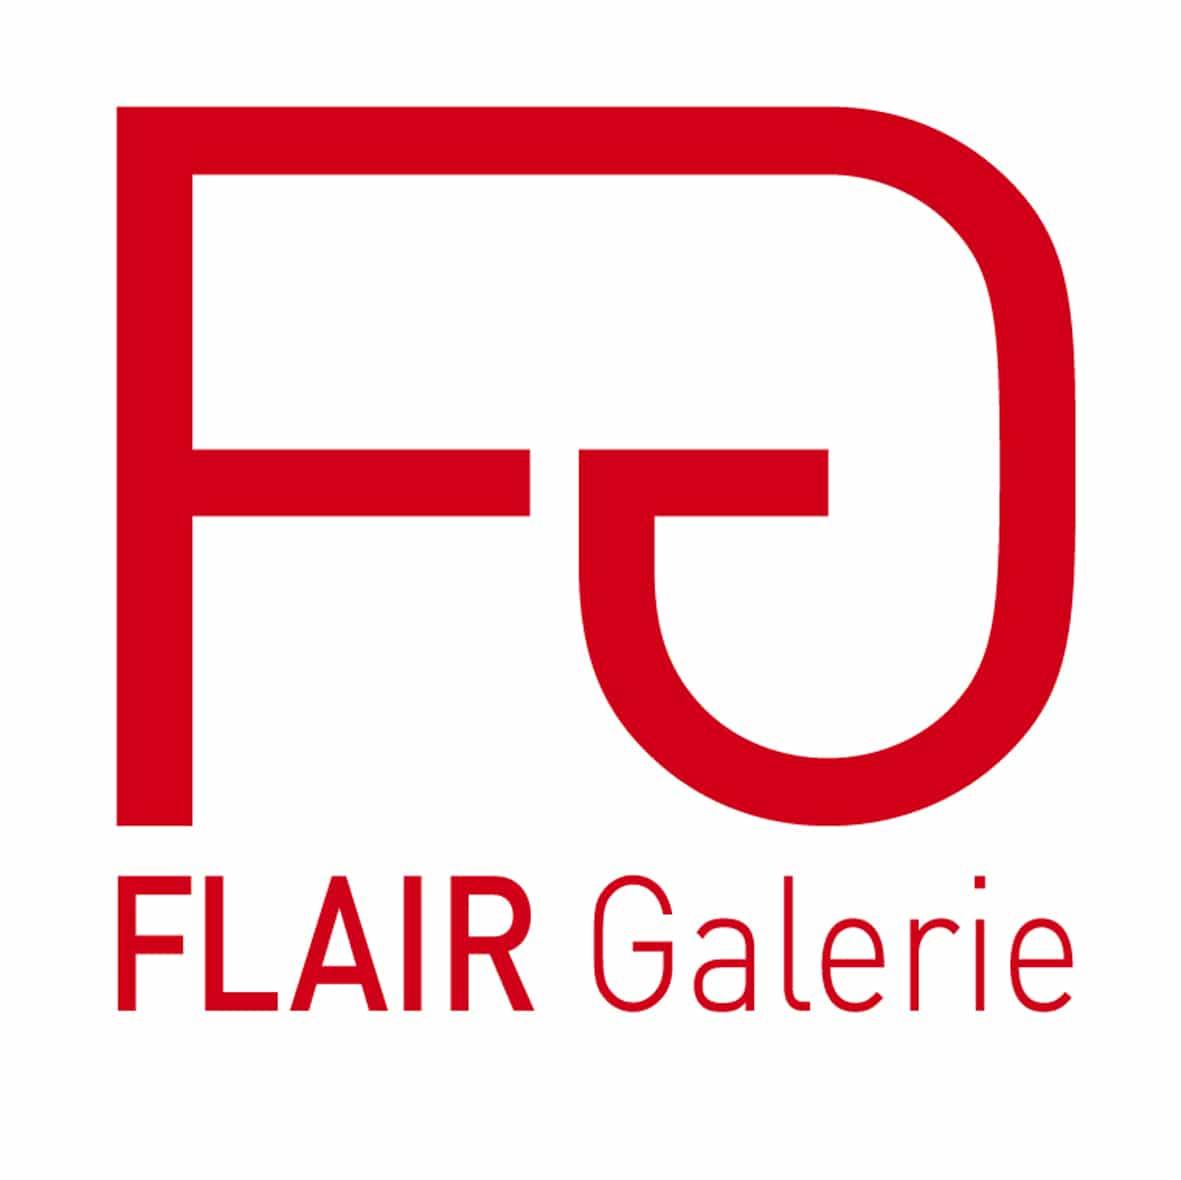 Flair Galerie, galerie d'art située au 11 rue de la Calade à Arles